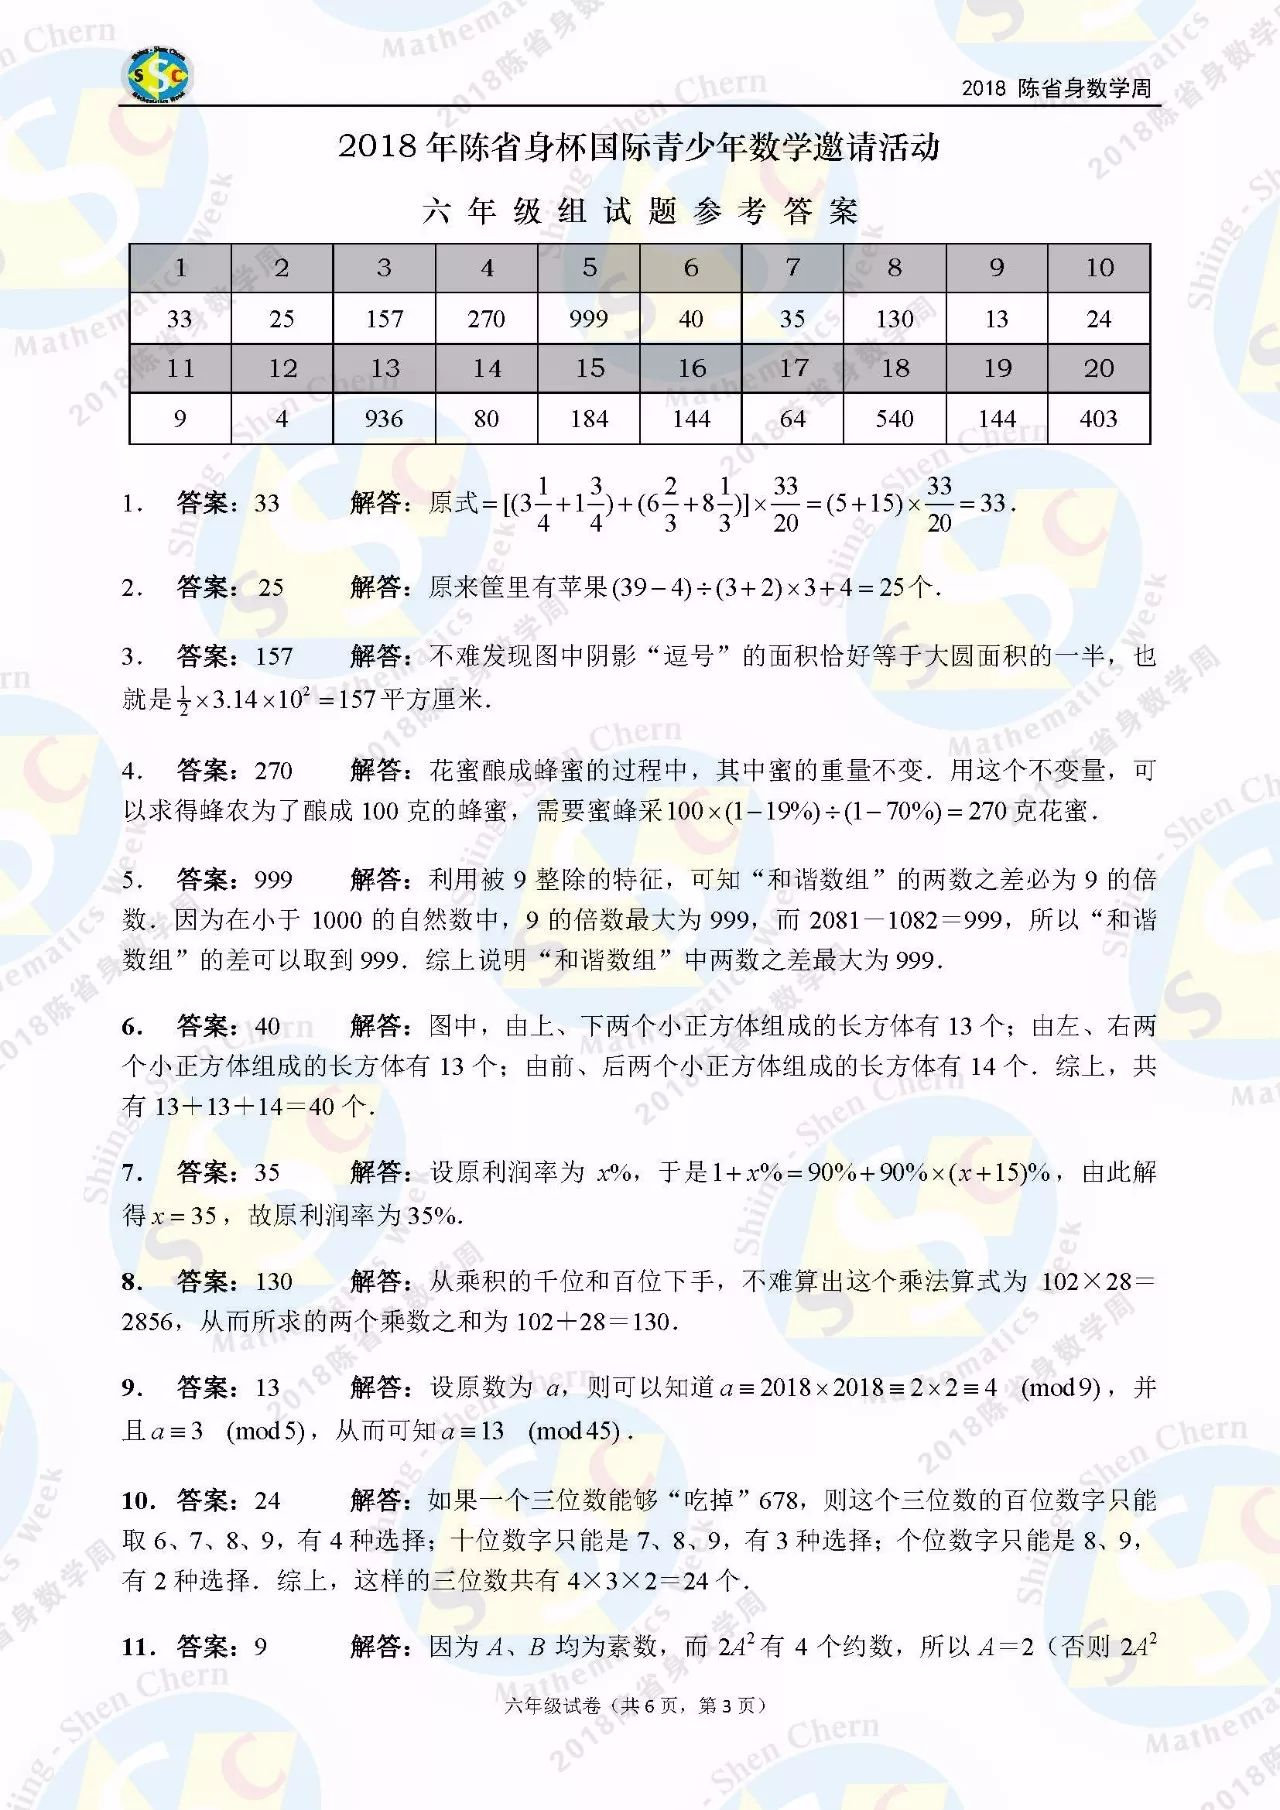 2018年陈省身杯国际青少年数学邀请赛六年级答案解析1